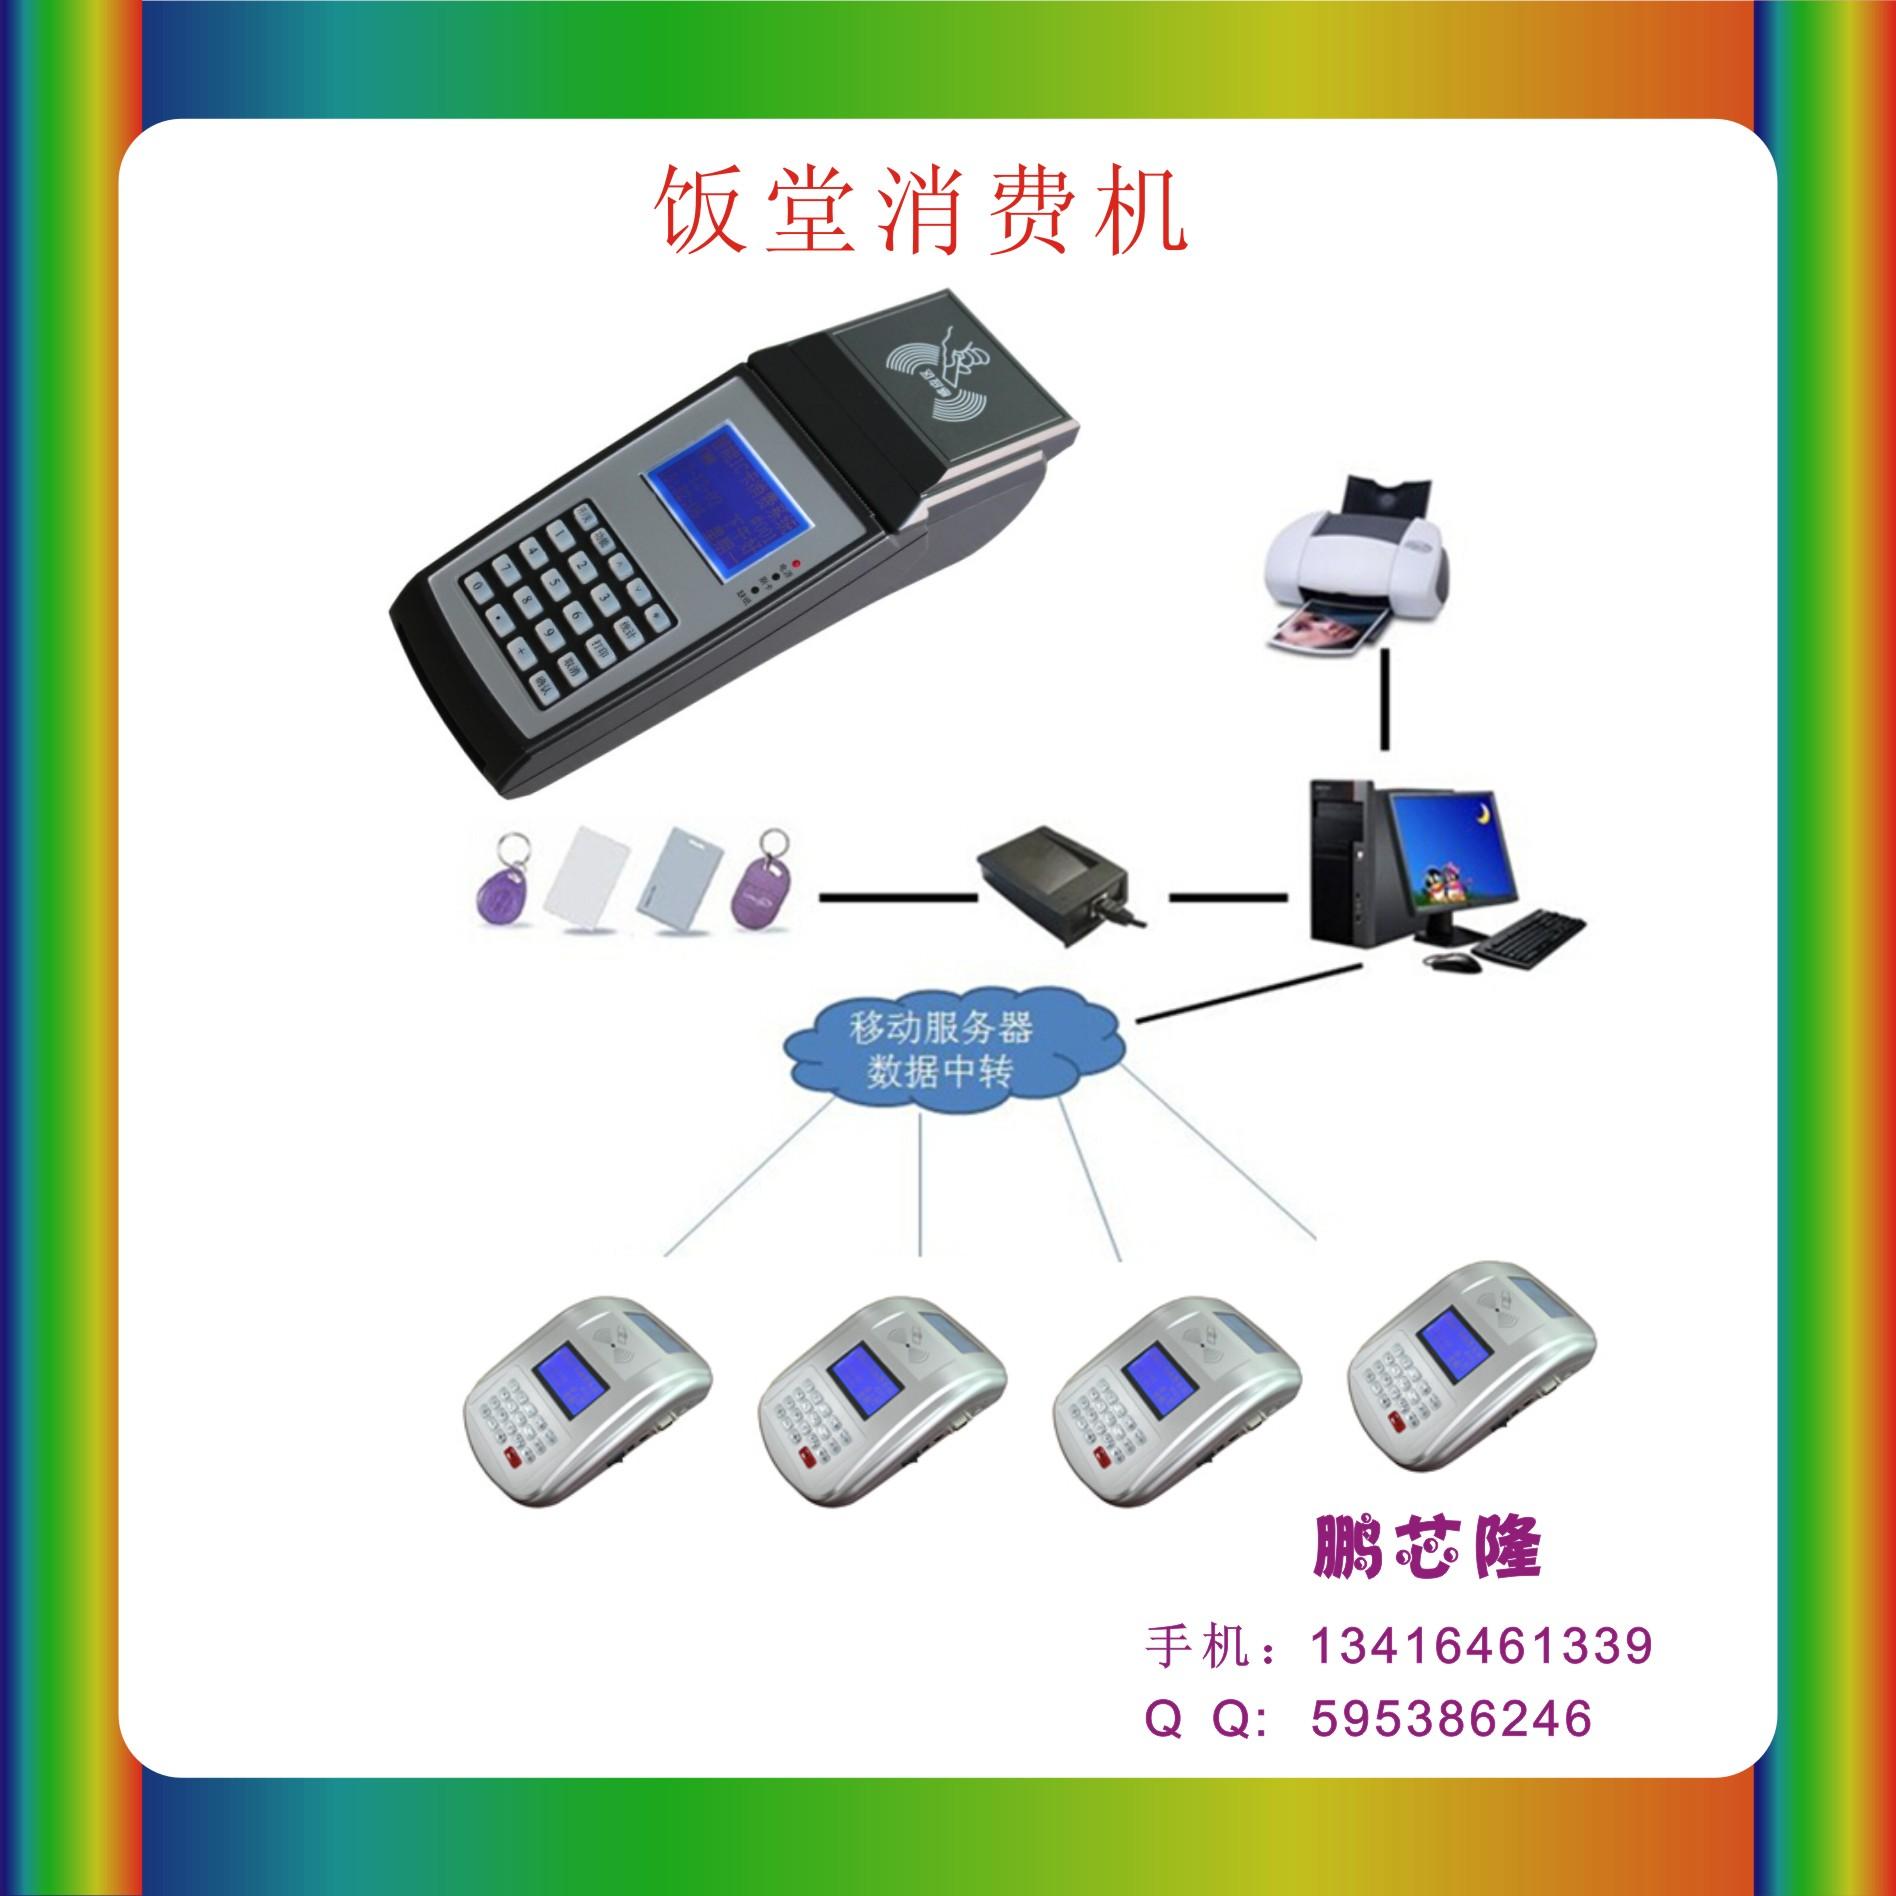 IC卡制作图片/IC卡制作样板图 (3)